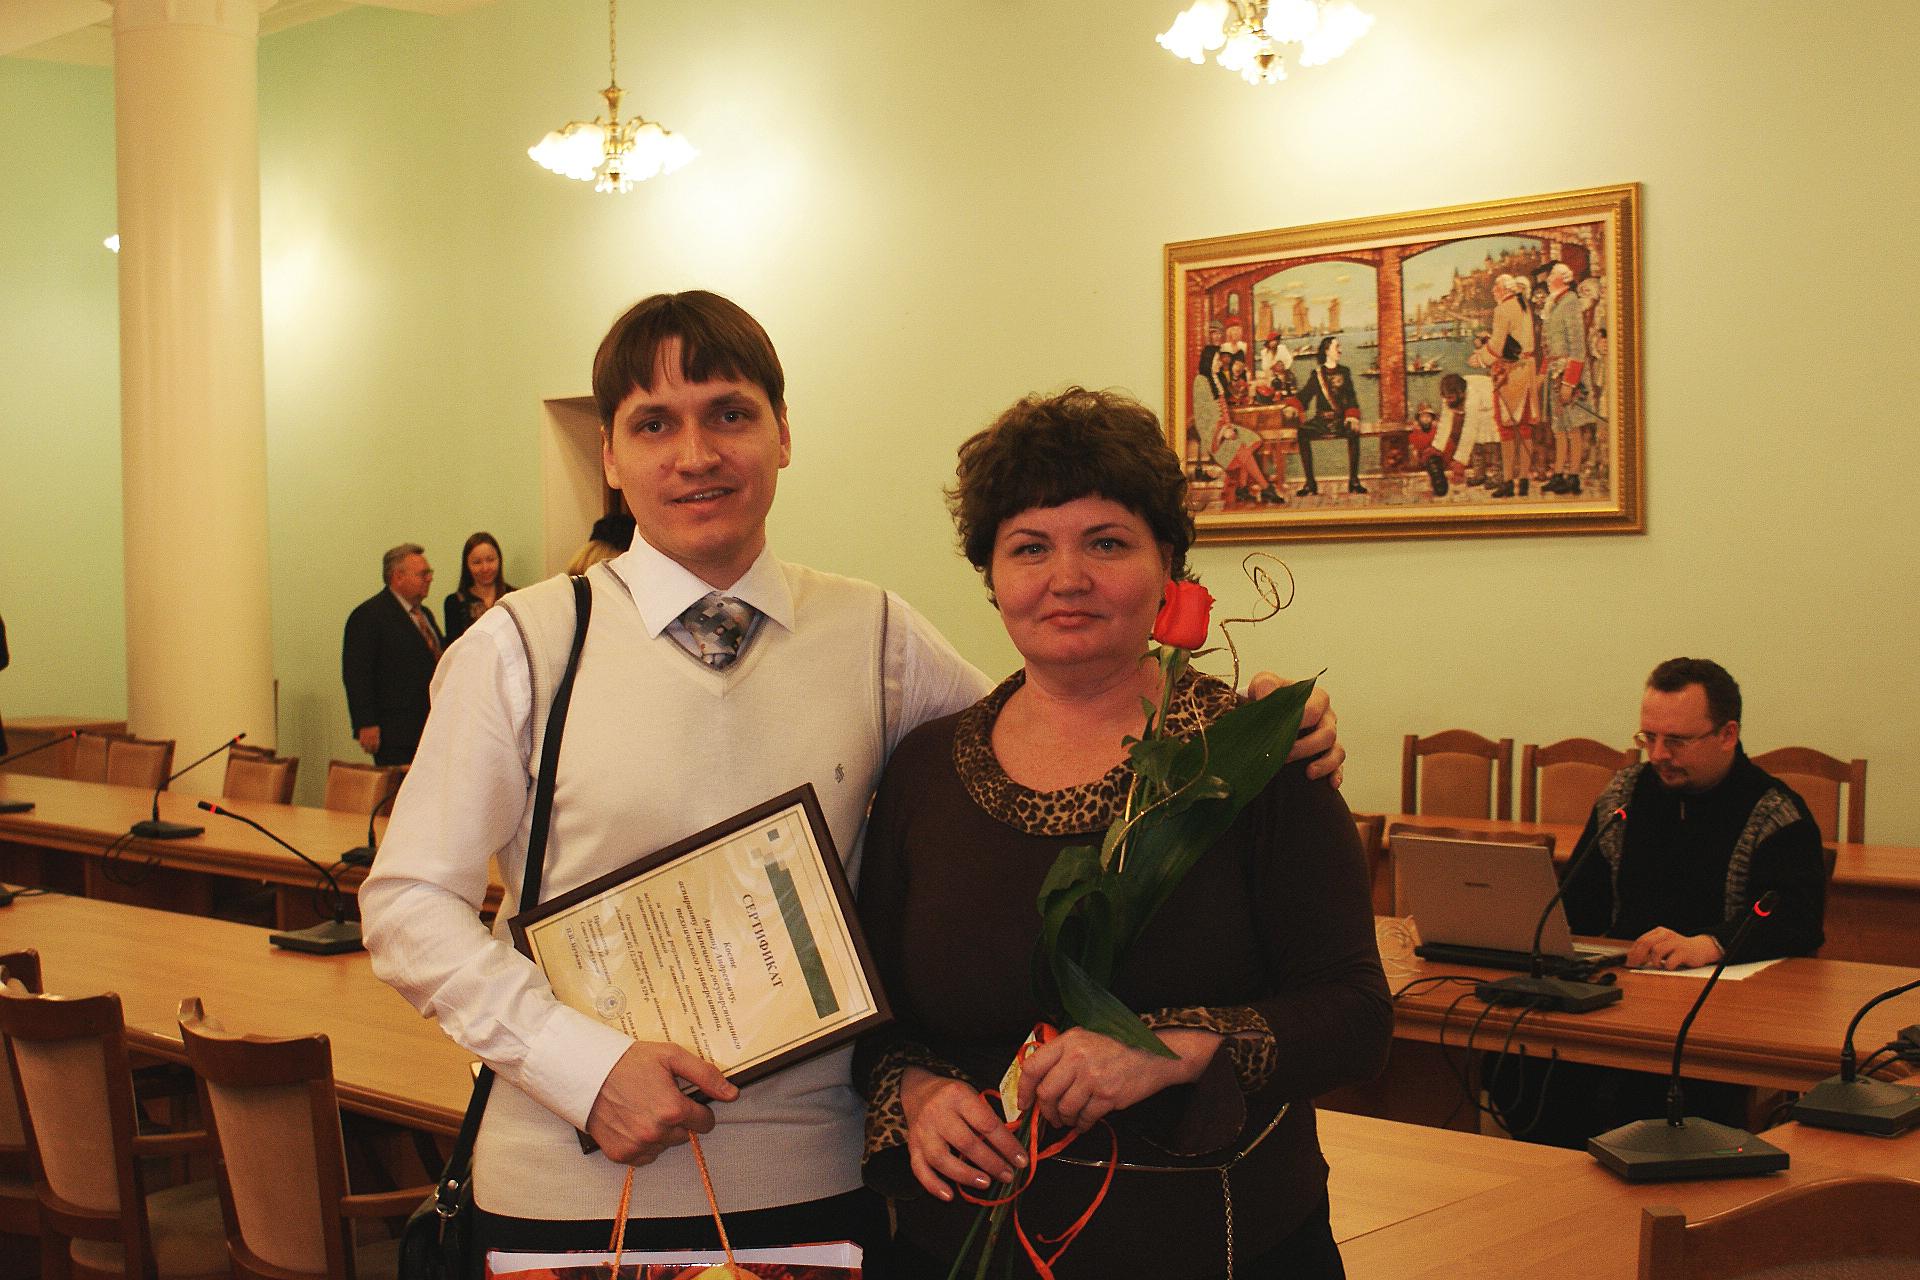 Моя любимая Золушка и Мама. На вручении аспирантам сертификатов за успехи в науке. Липецк, 2010 г.